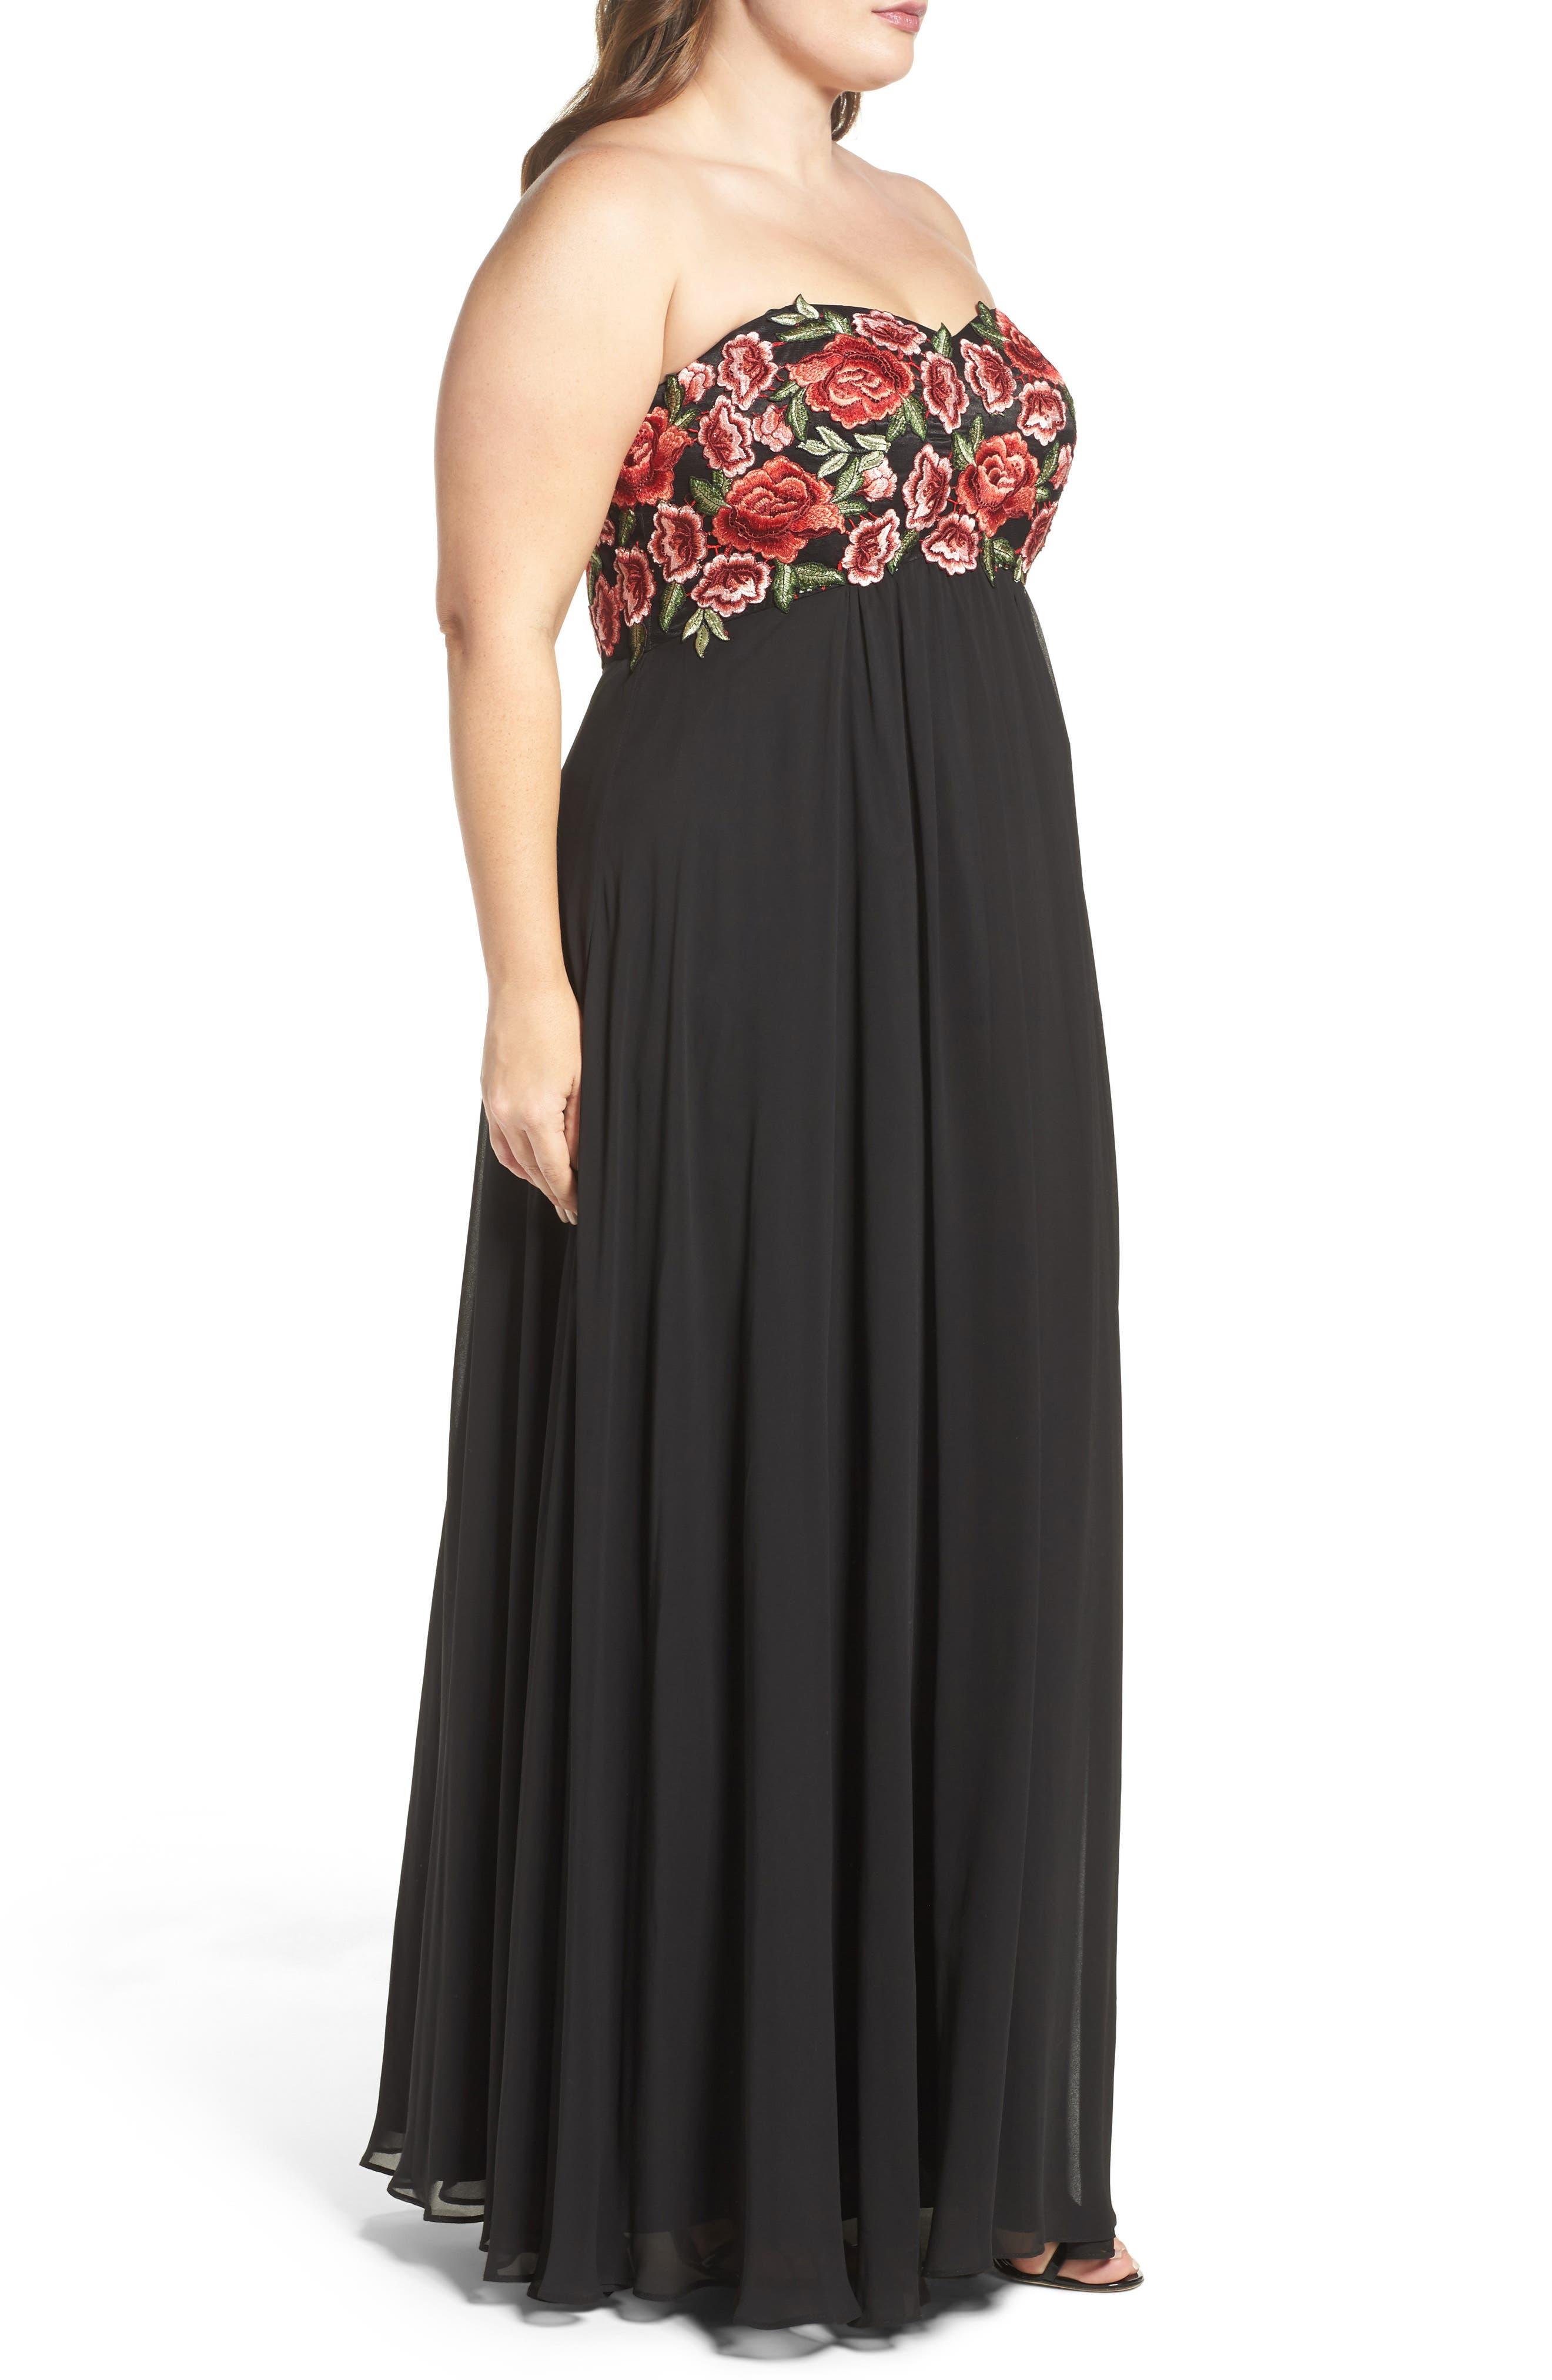 Alternate Image 3  - Decode 1.8 Floral Appliqué Strapless Gown (Plus Size)